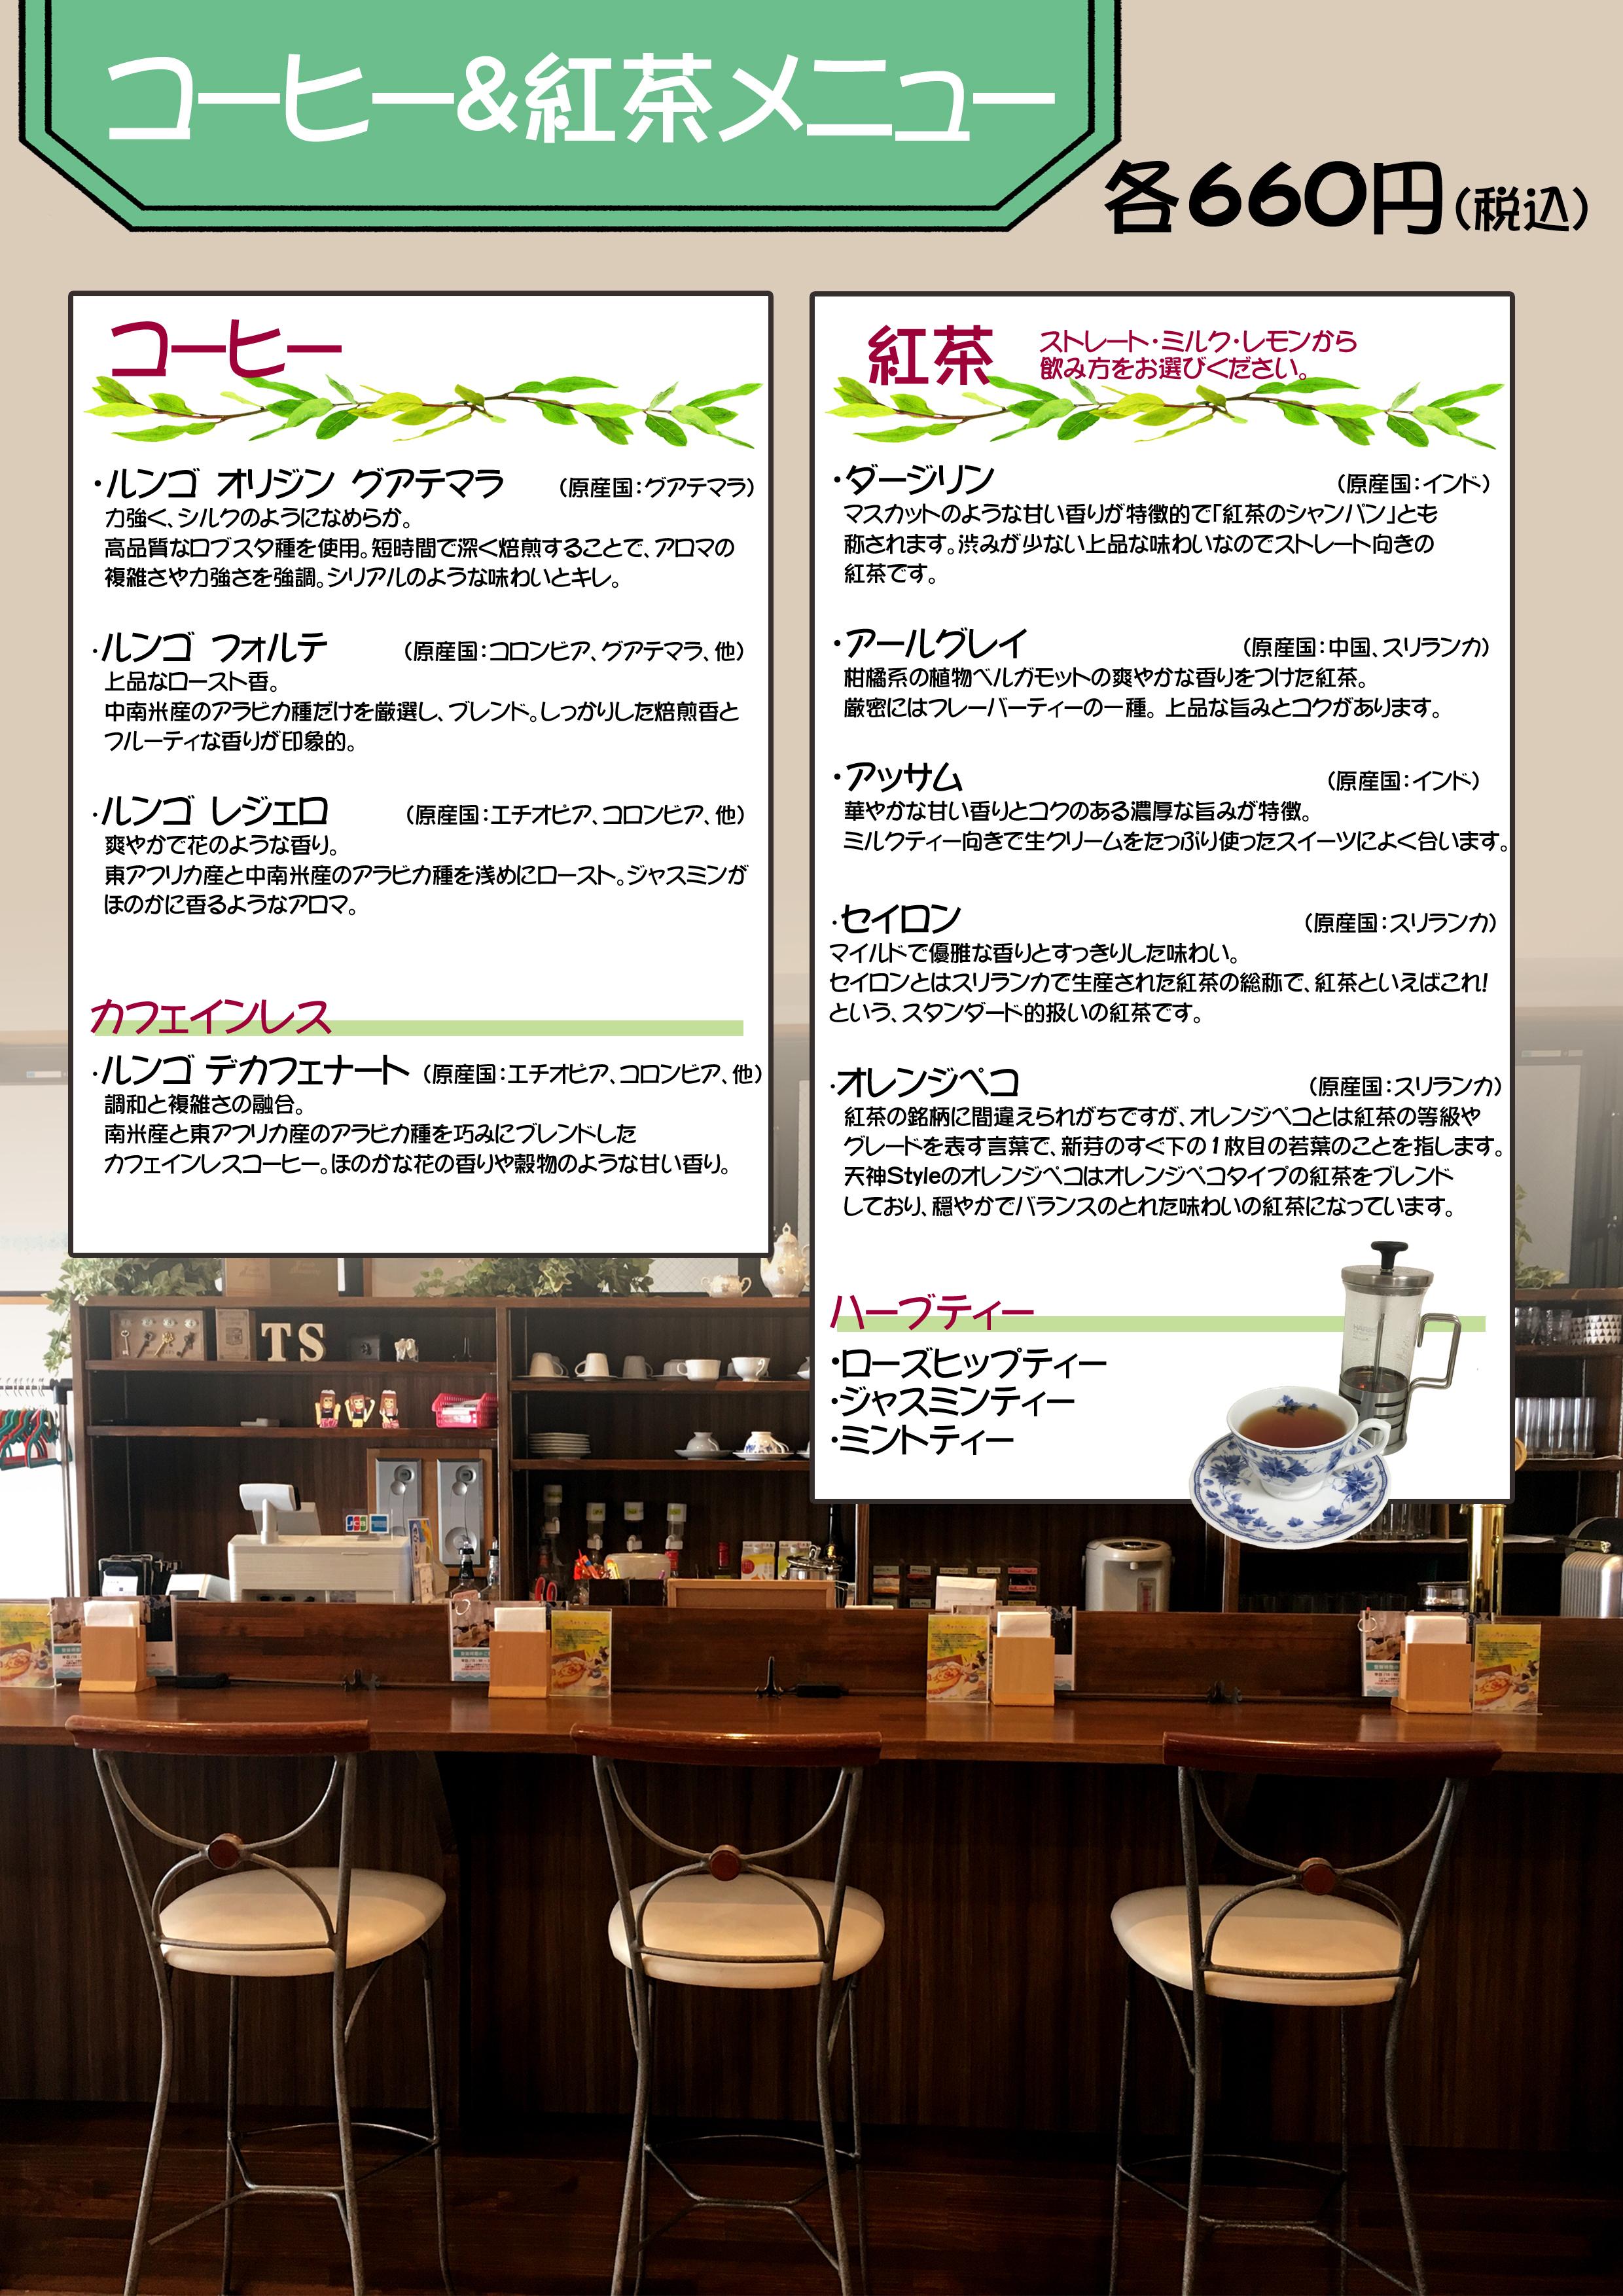 メニュー7 紅茶コーヒーメニュー20210401のコピー